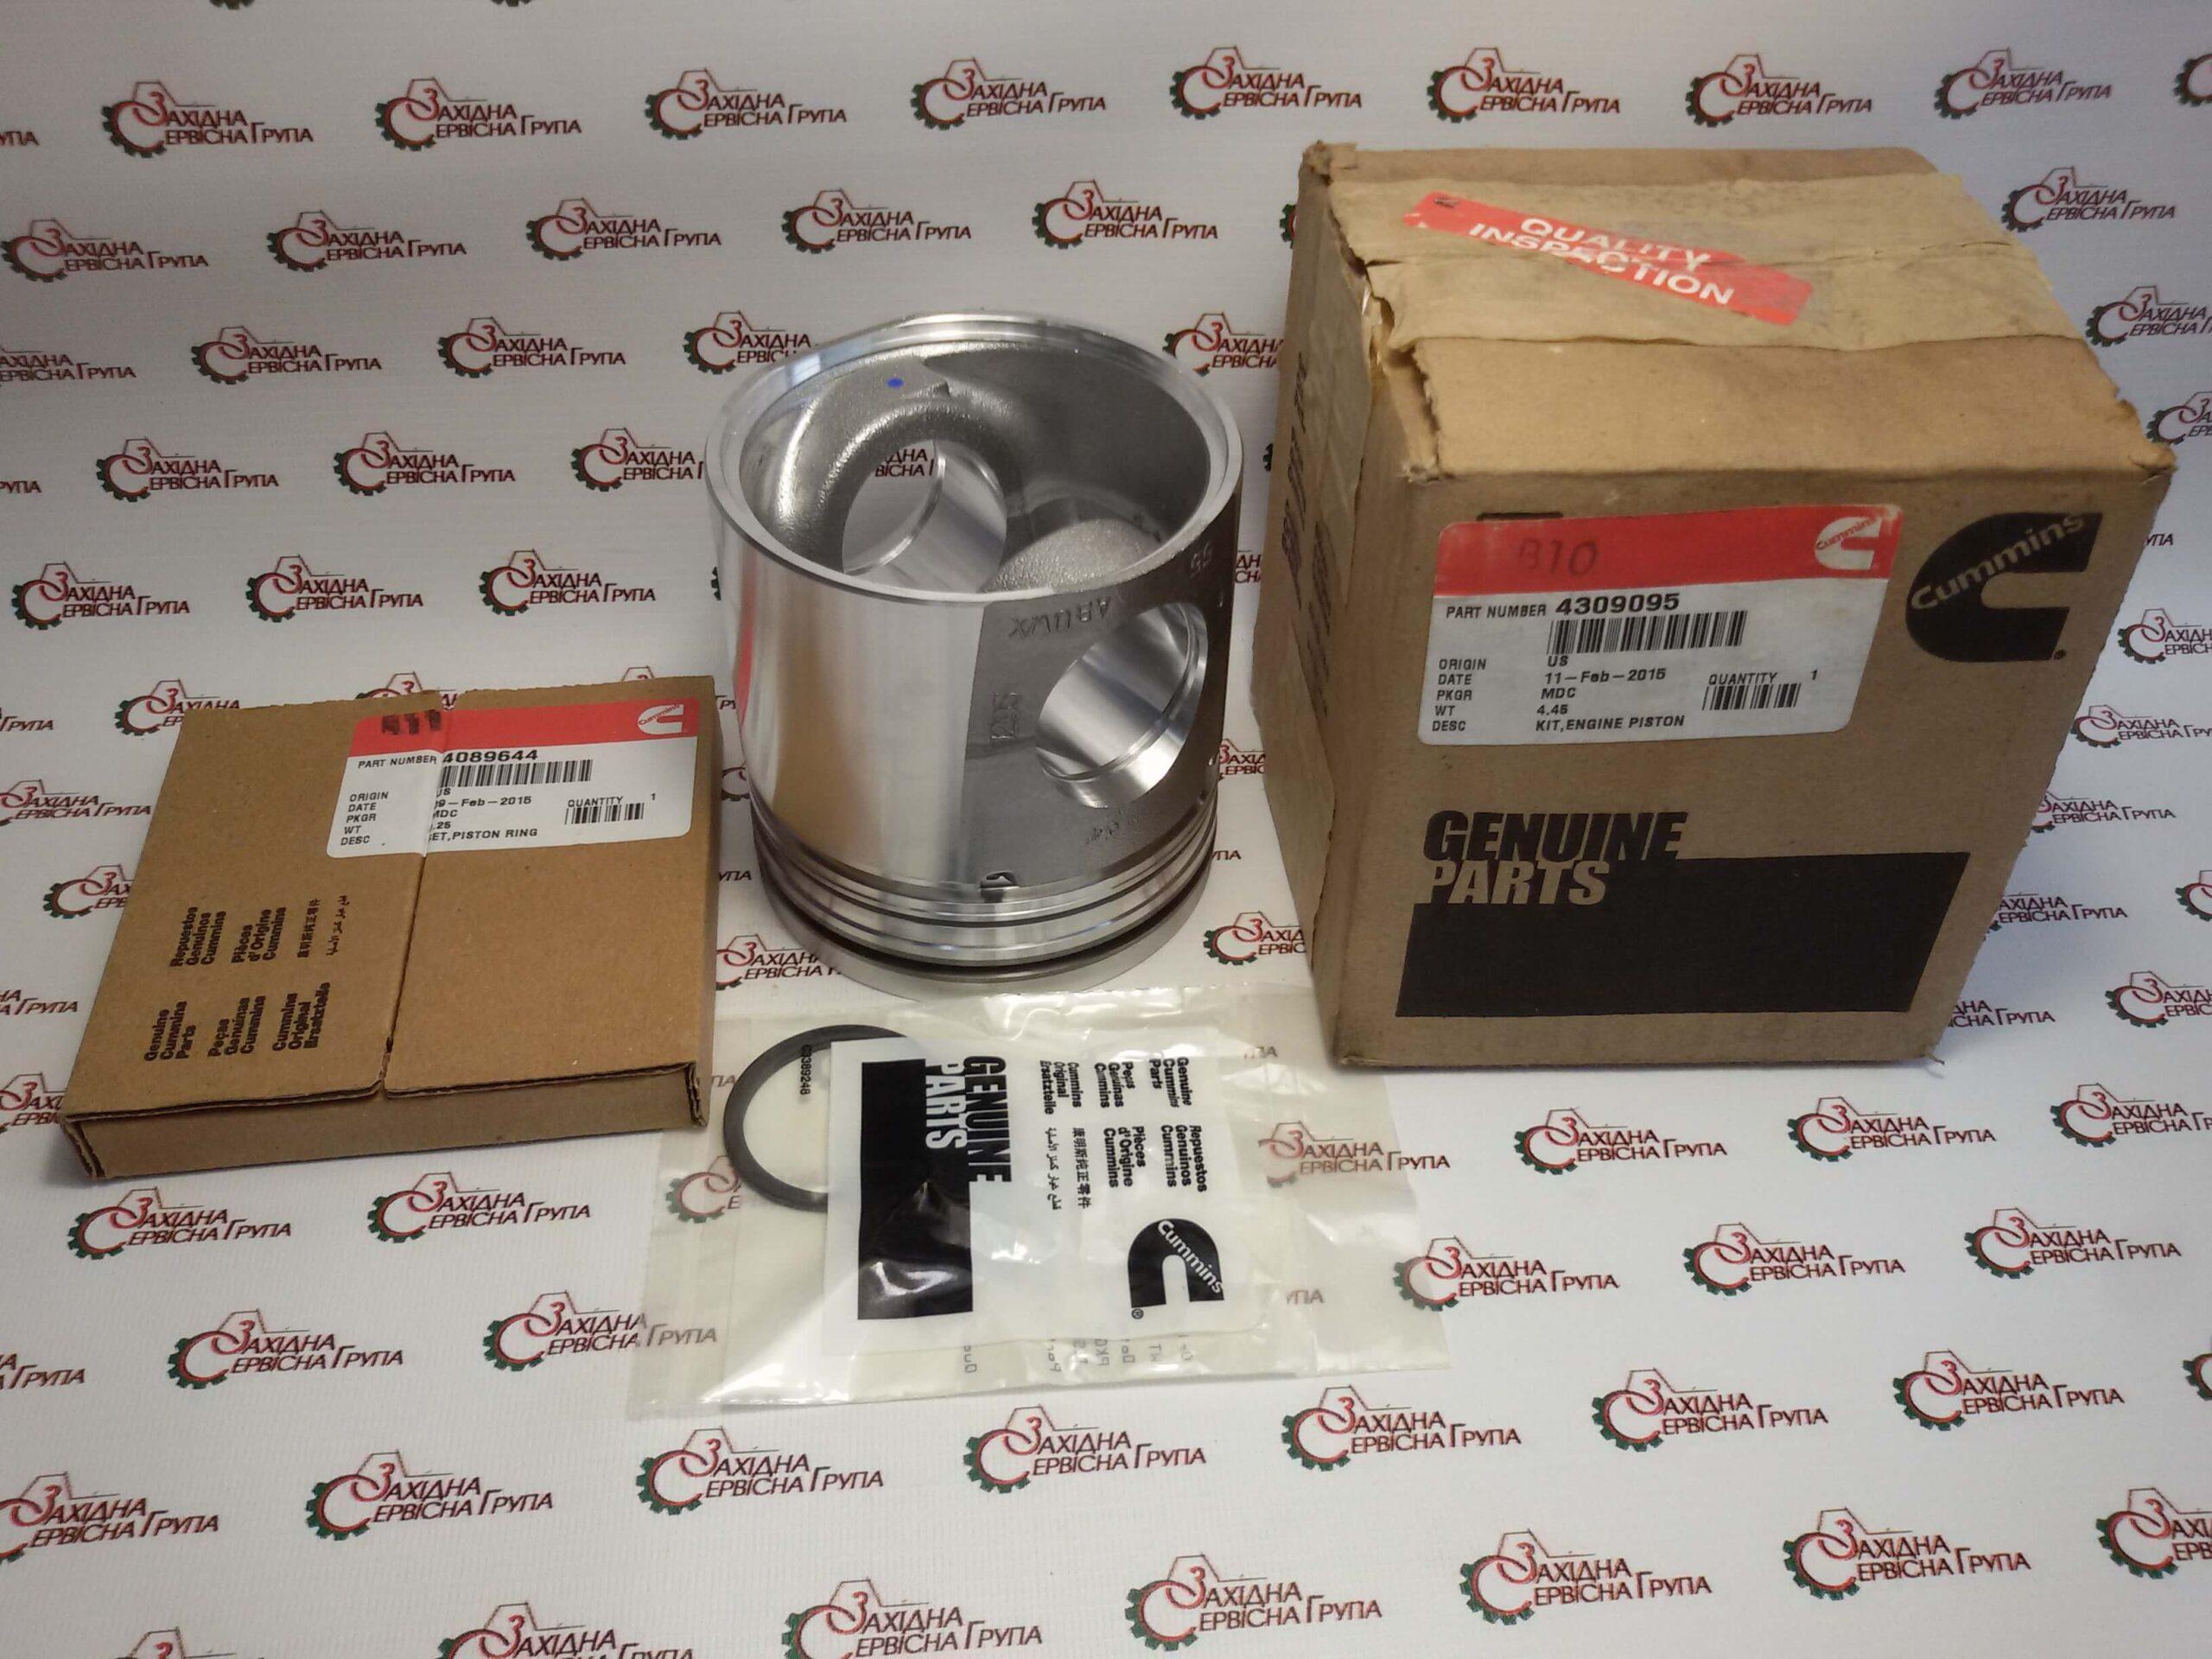 Комплект поршня двигуна Cummins ISC, QSC 8.3, 4309095, 4955190, 4089813.